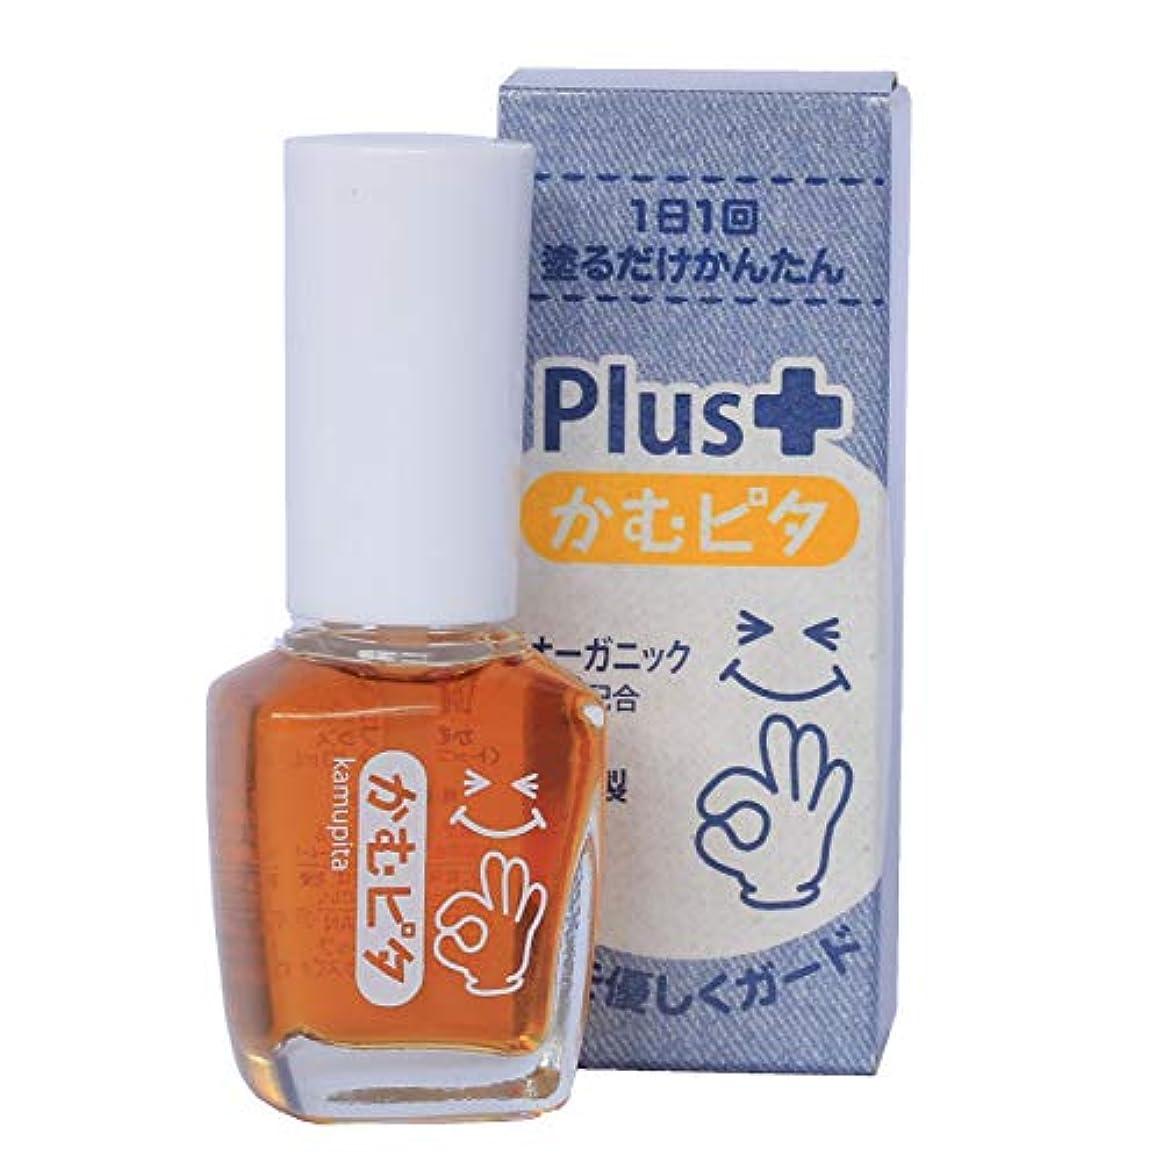 誤解する兵隊広範囲に子供の爪噛み・指しゃぶり防止に苦い日本製マニキュア かむピタ プラス  オーガニック成分配合・10ml